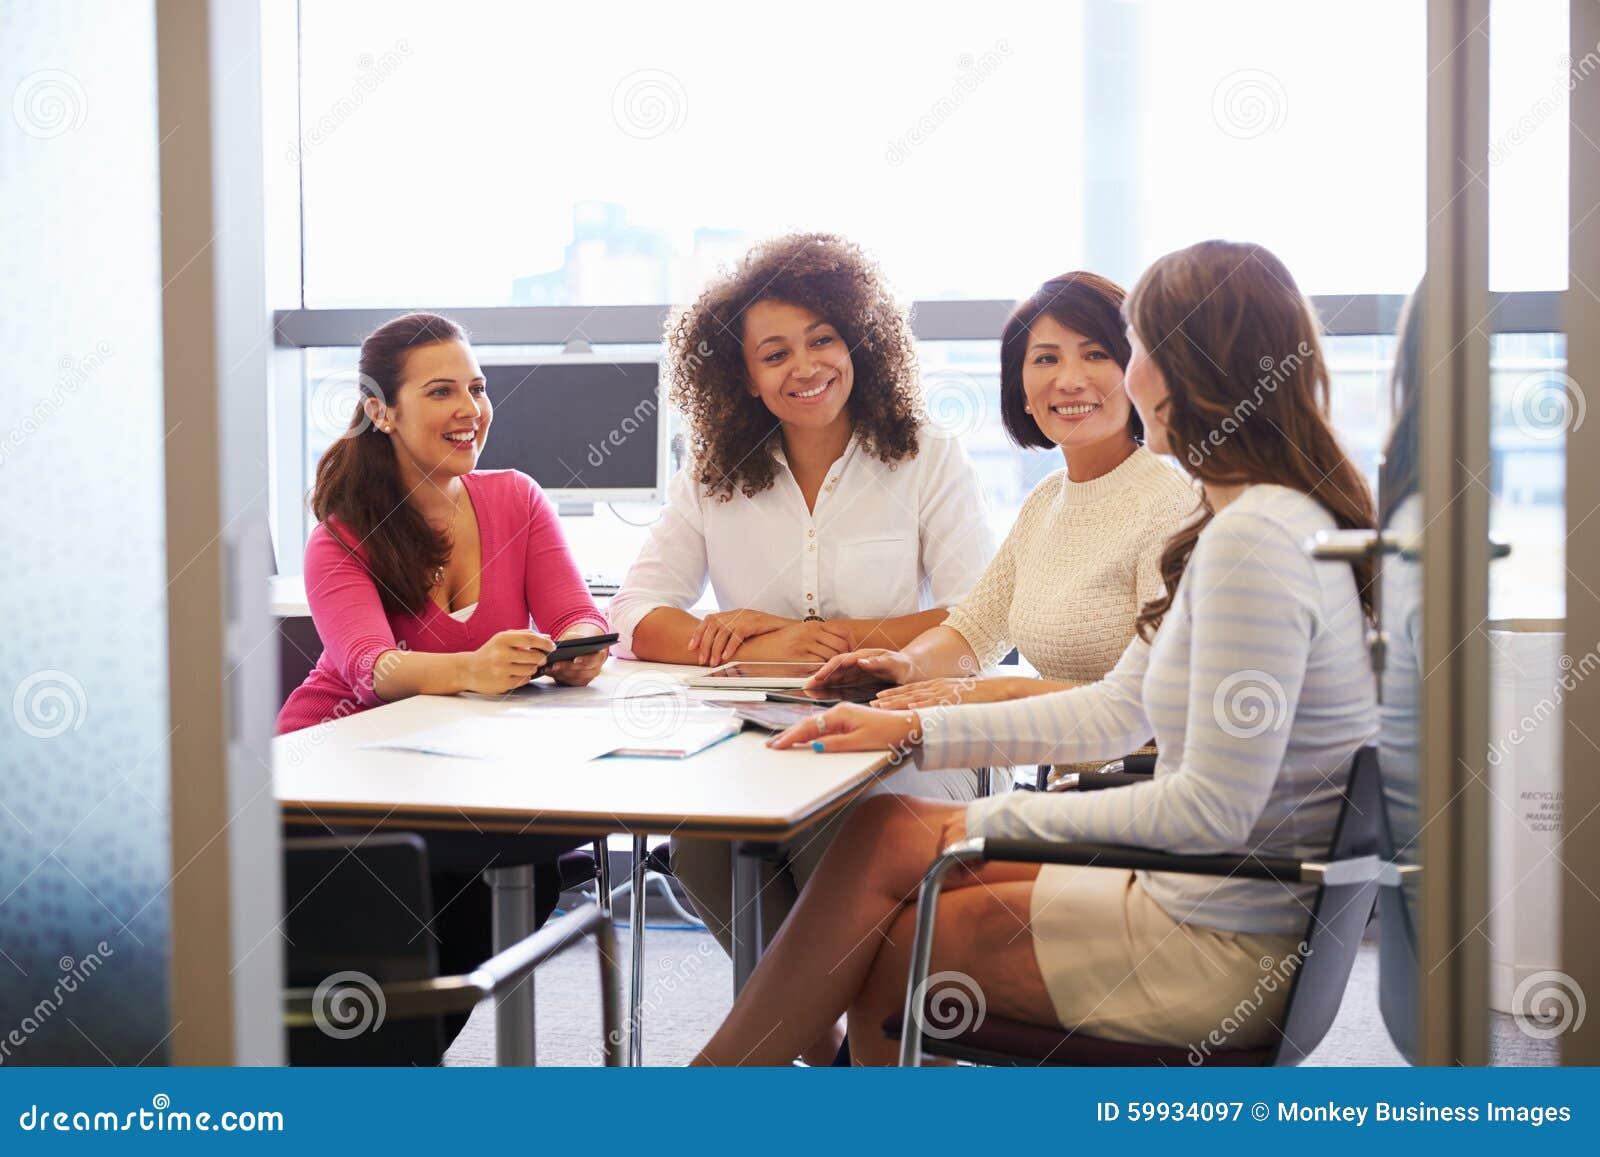 Zufällig gekleidete weibliche Kollegen, die in einem Konferenzzimmer sprechen